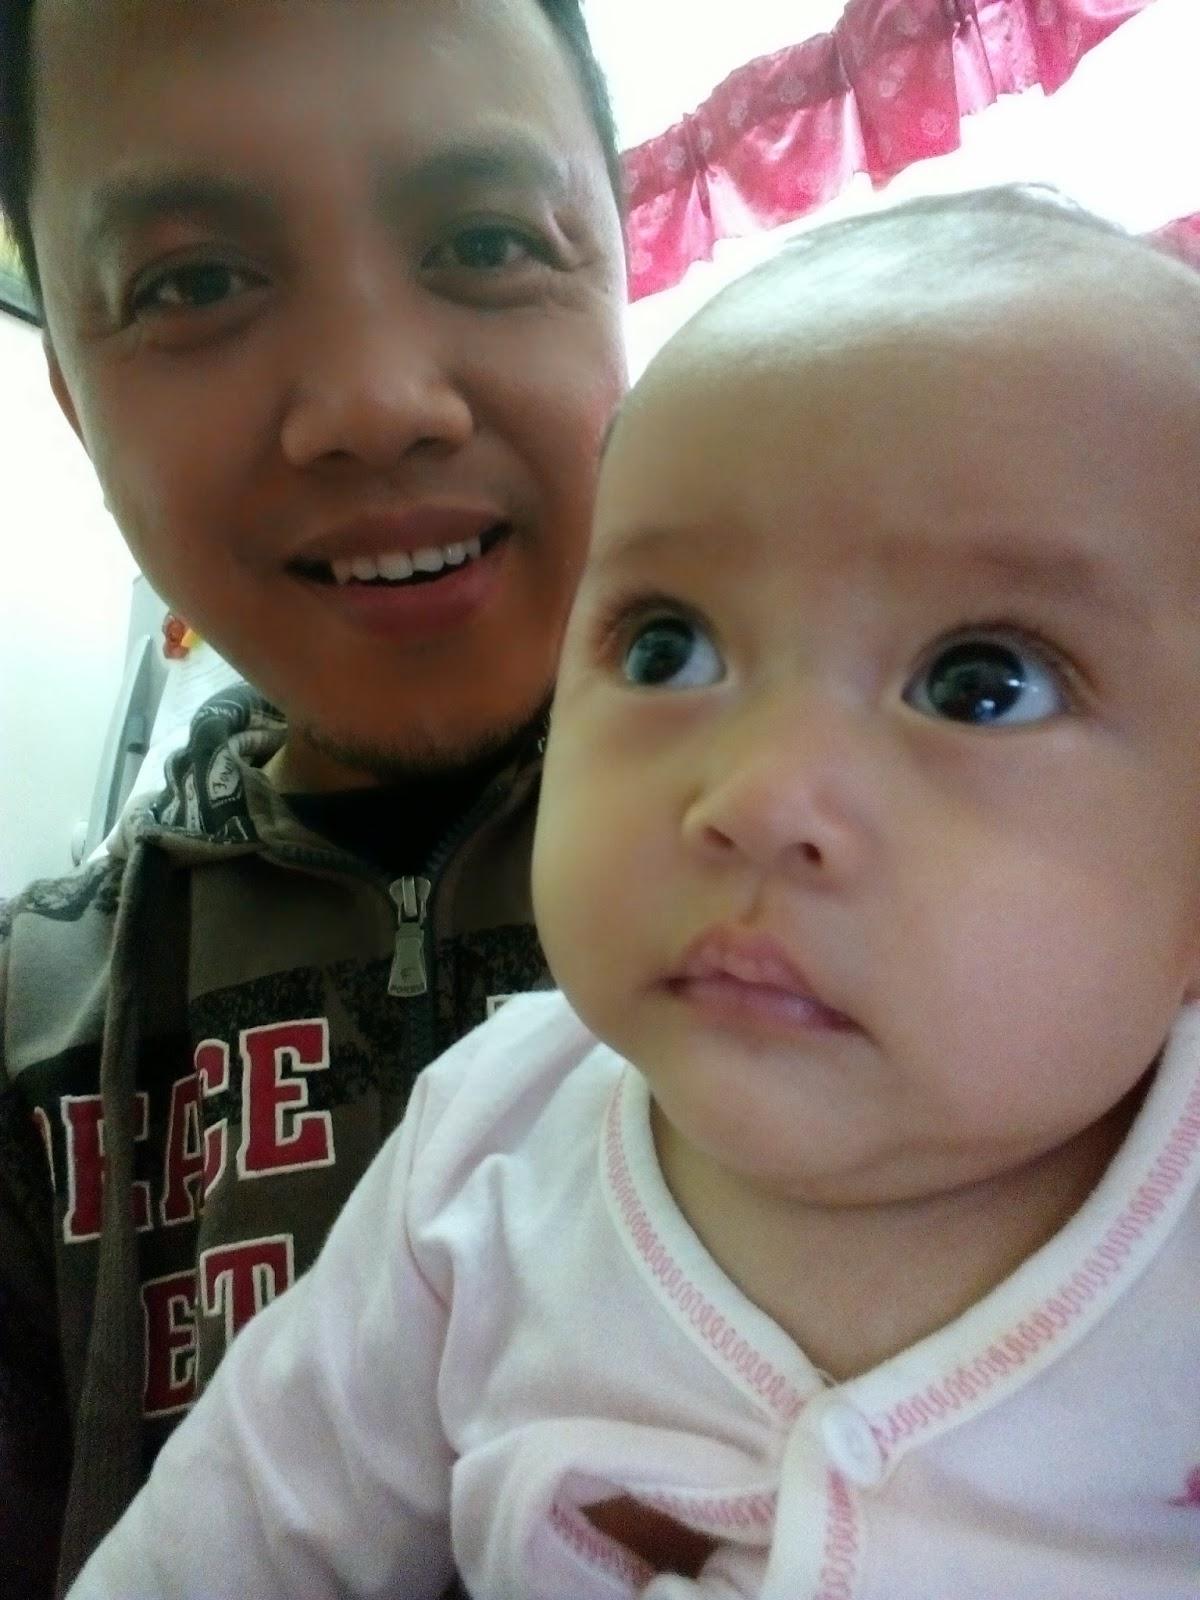 yasmin, pengasuh baby